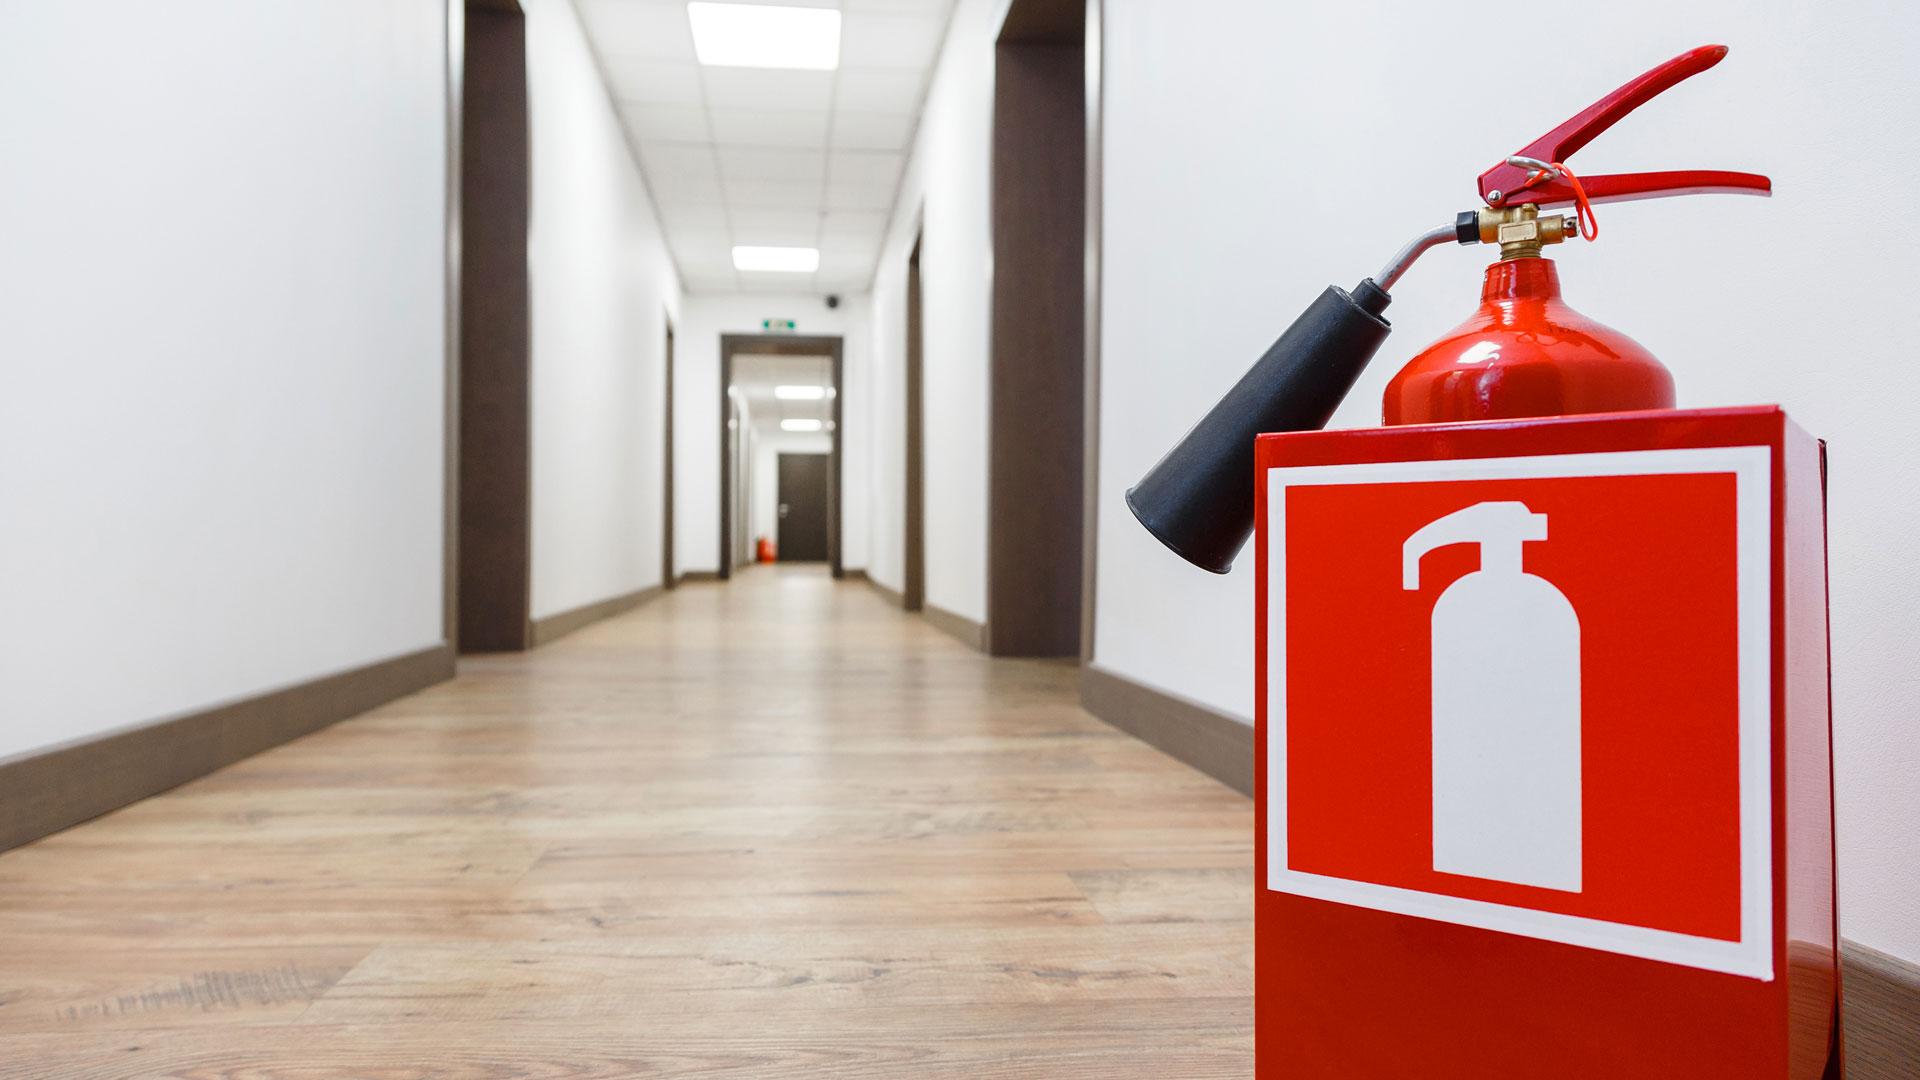 В декларации описываются все основные показатели противопожарной защиты, в том числе места размещения и размеры эвакуационных выходов.